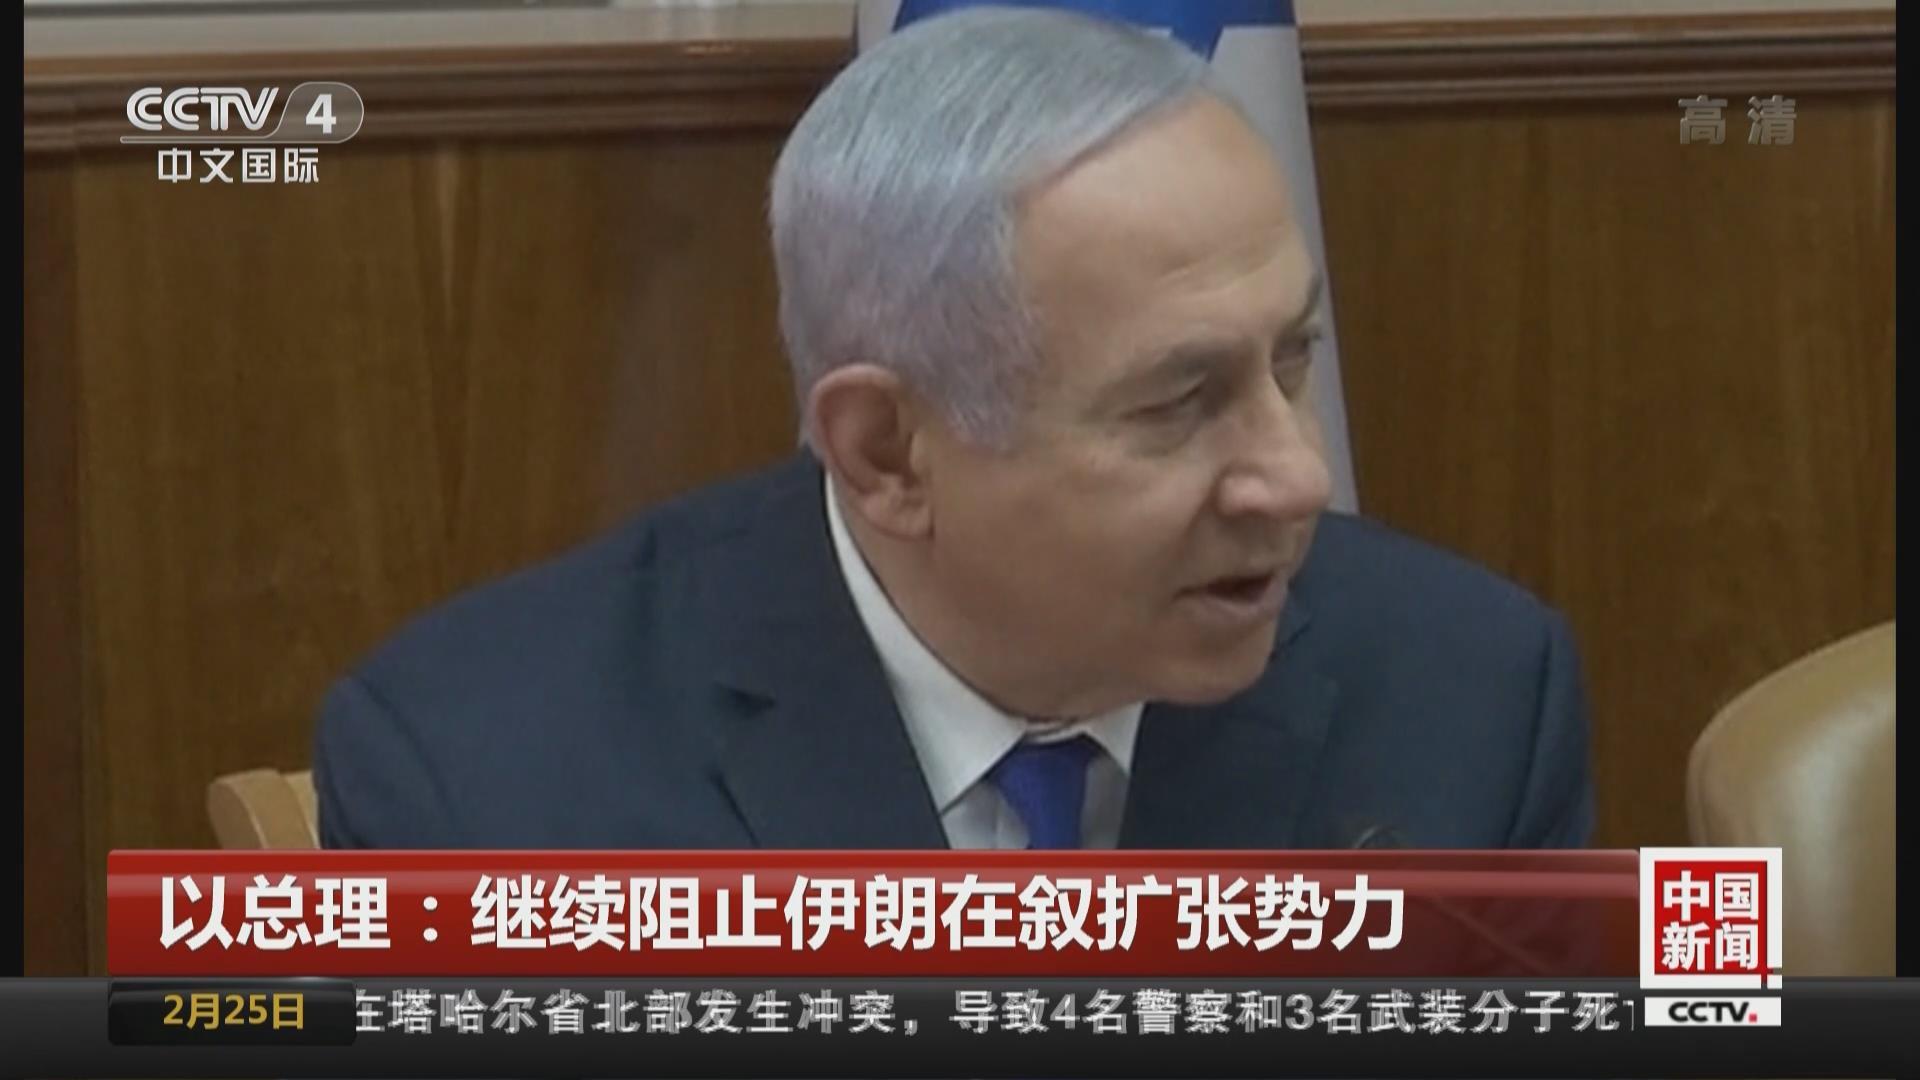 以總理:繼續阻止伊朗在敘擴張勢力